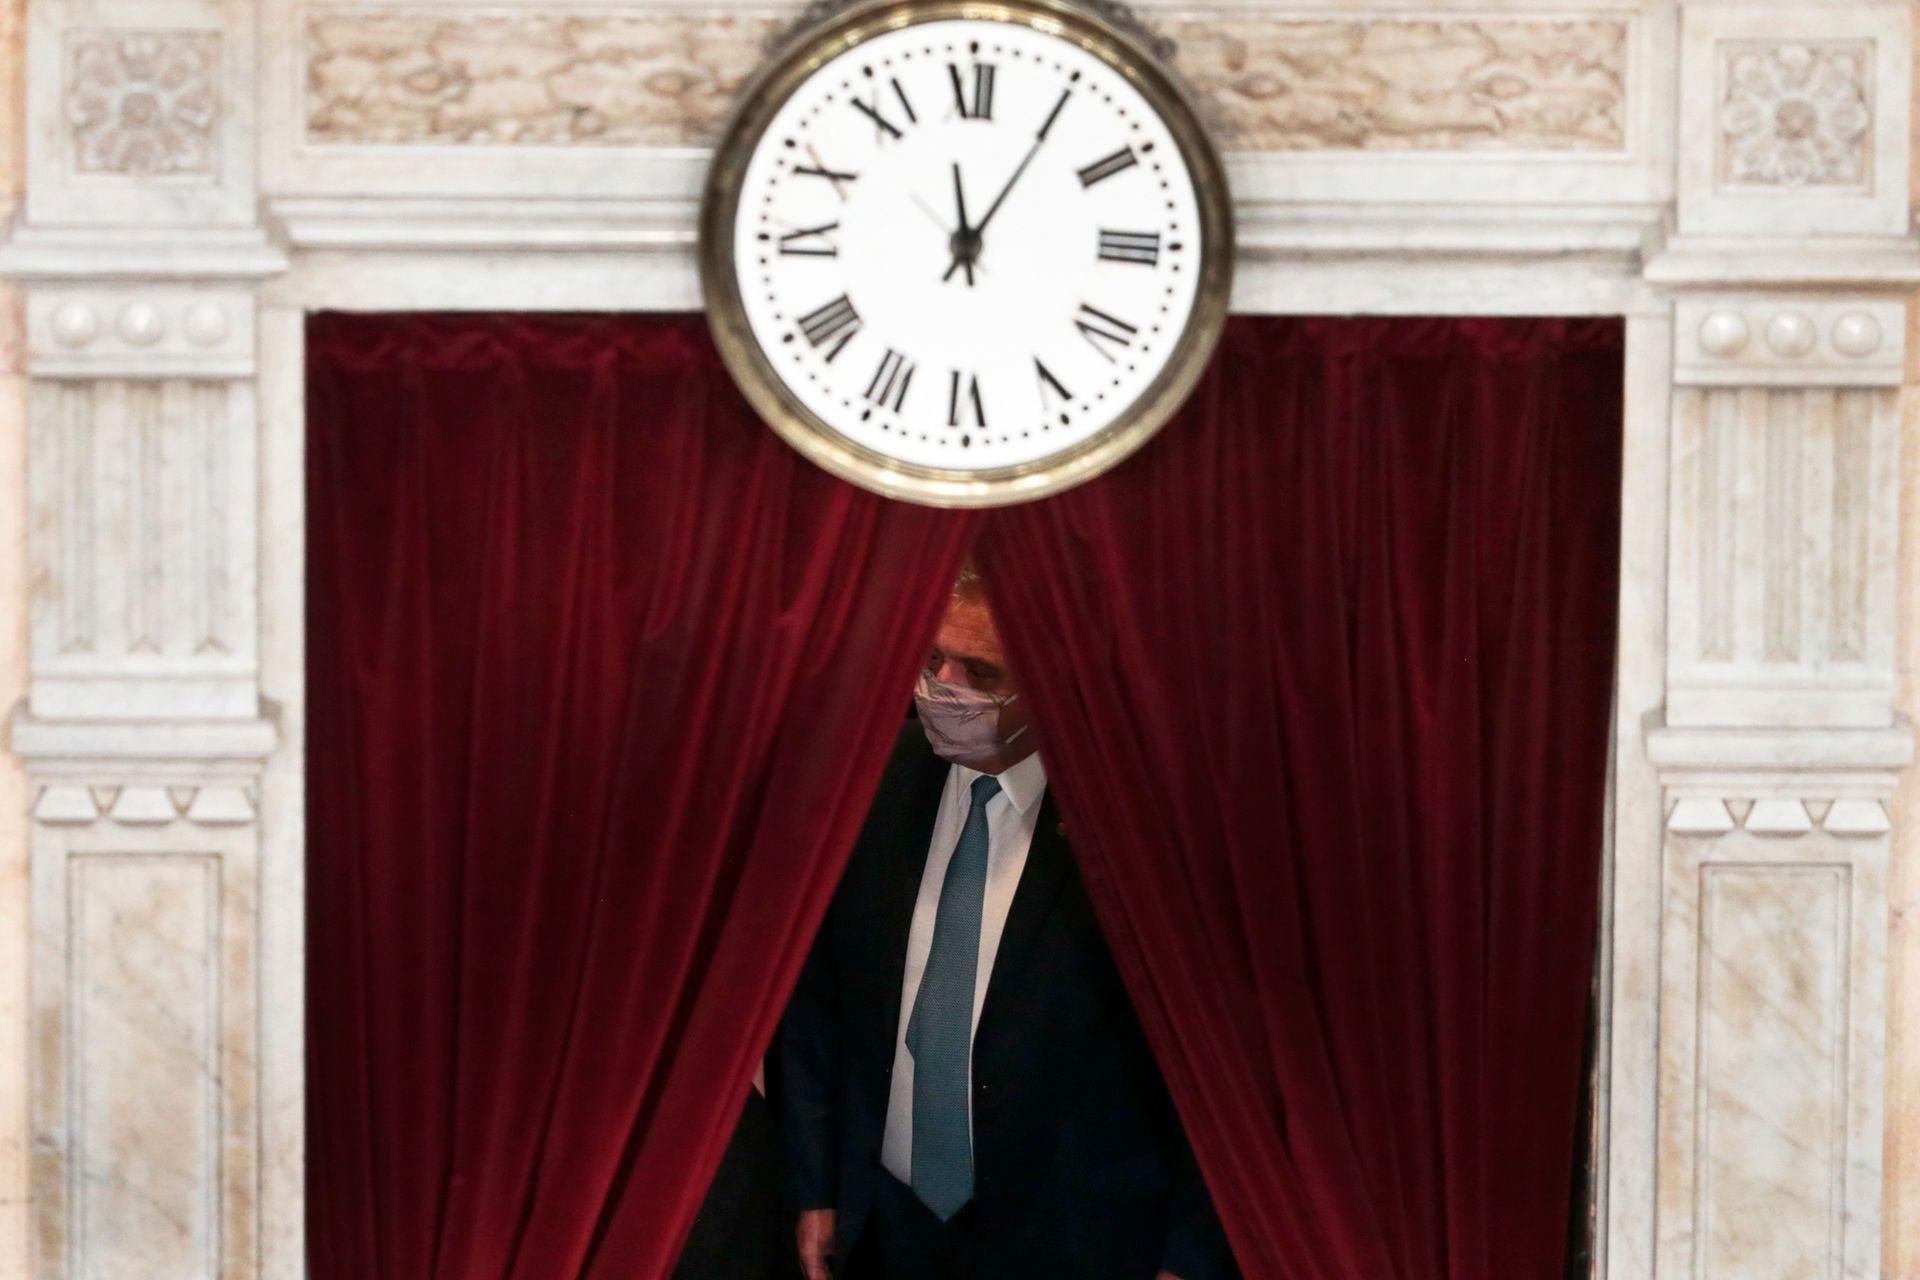 El Presidente Alberto Fernández minutos antes de la apertura de las Sesiones Legislativas en el Congreso de La Nación